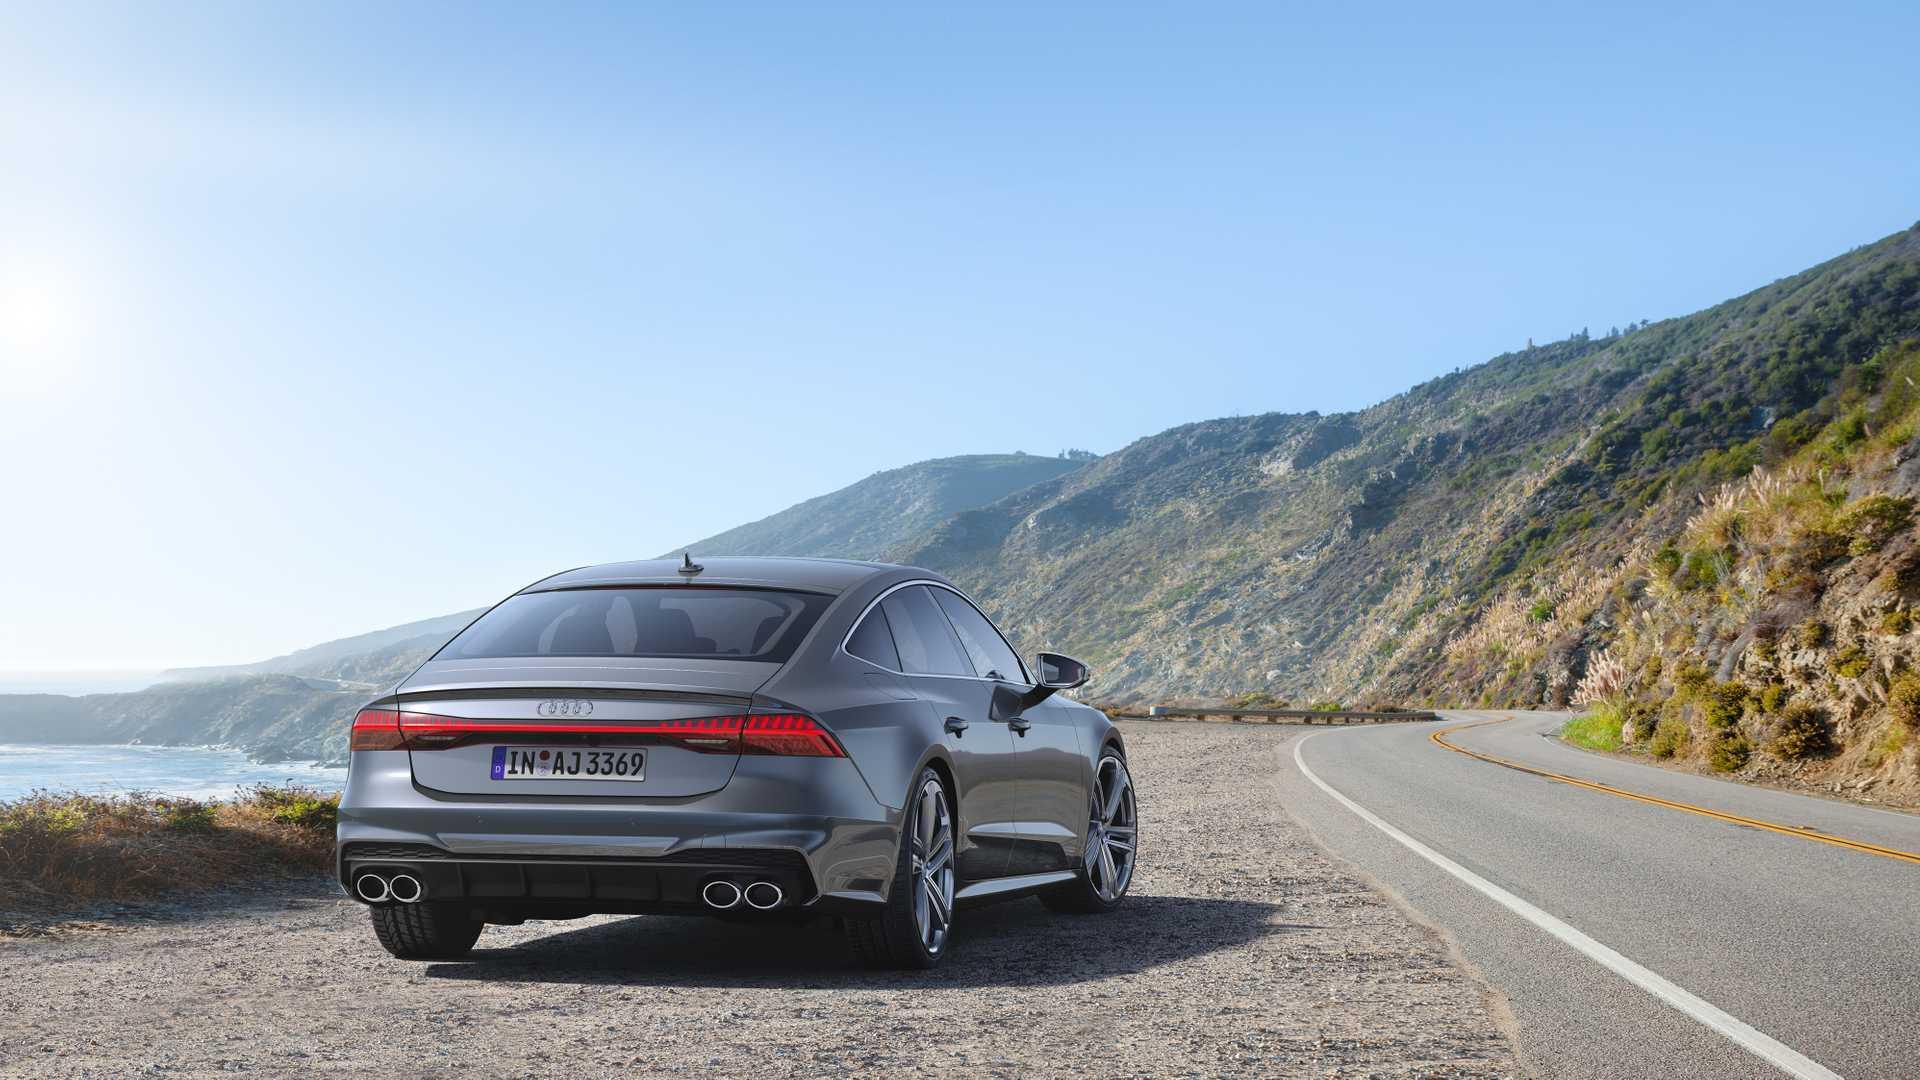 Audi S7 Sportback 2019-2020 (фото сзади)